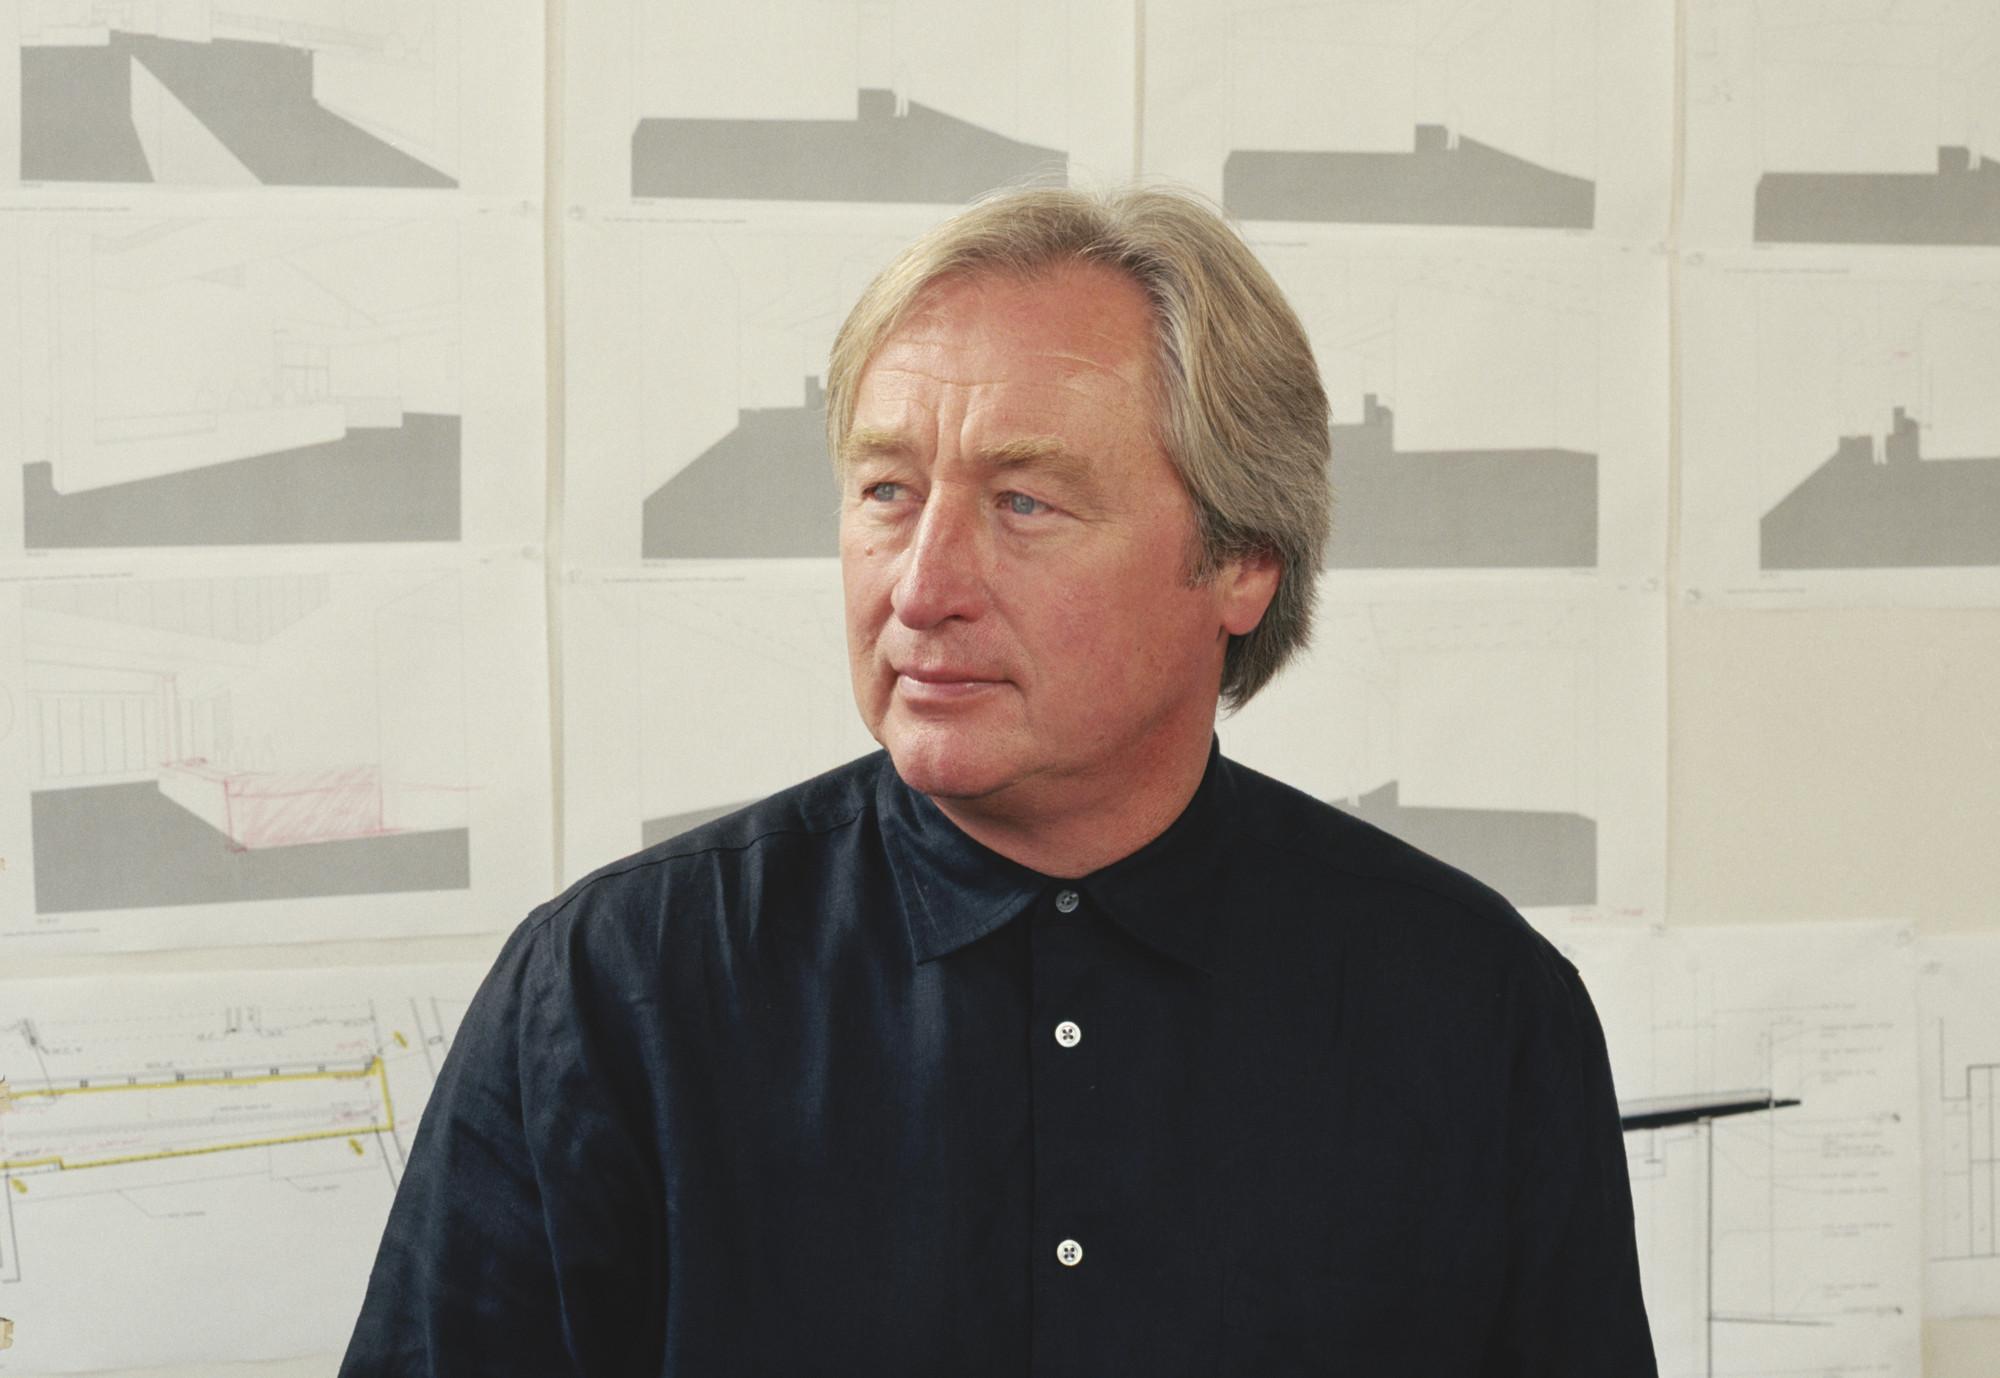 Steven Holl Named 2014 Praemium Imperiale Laureate, © Mark Heithoff